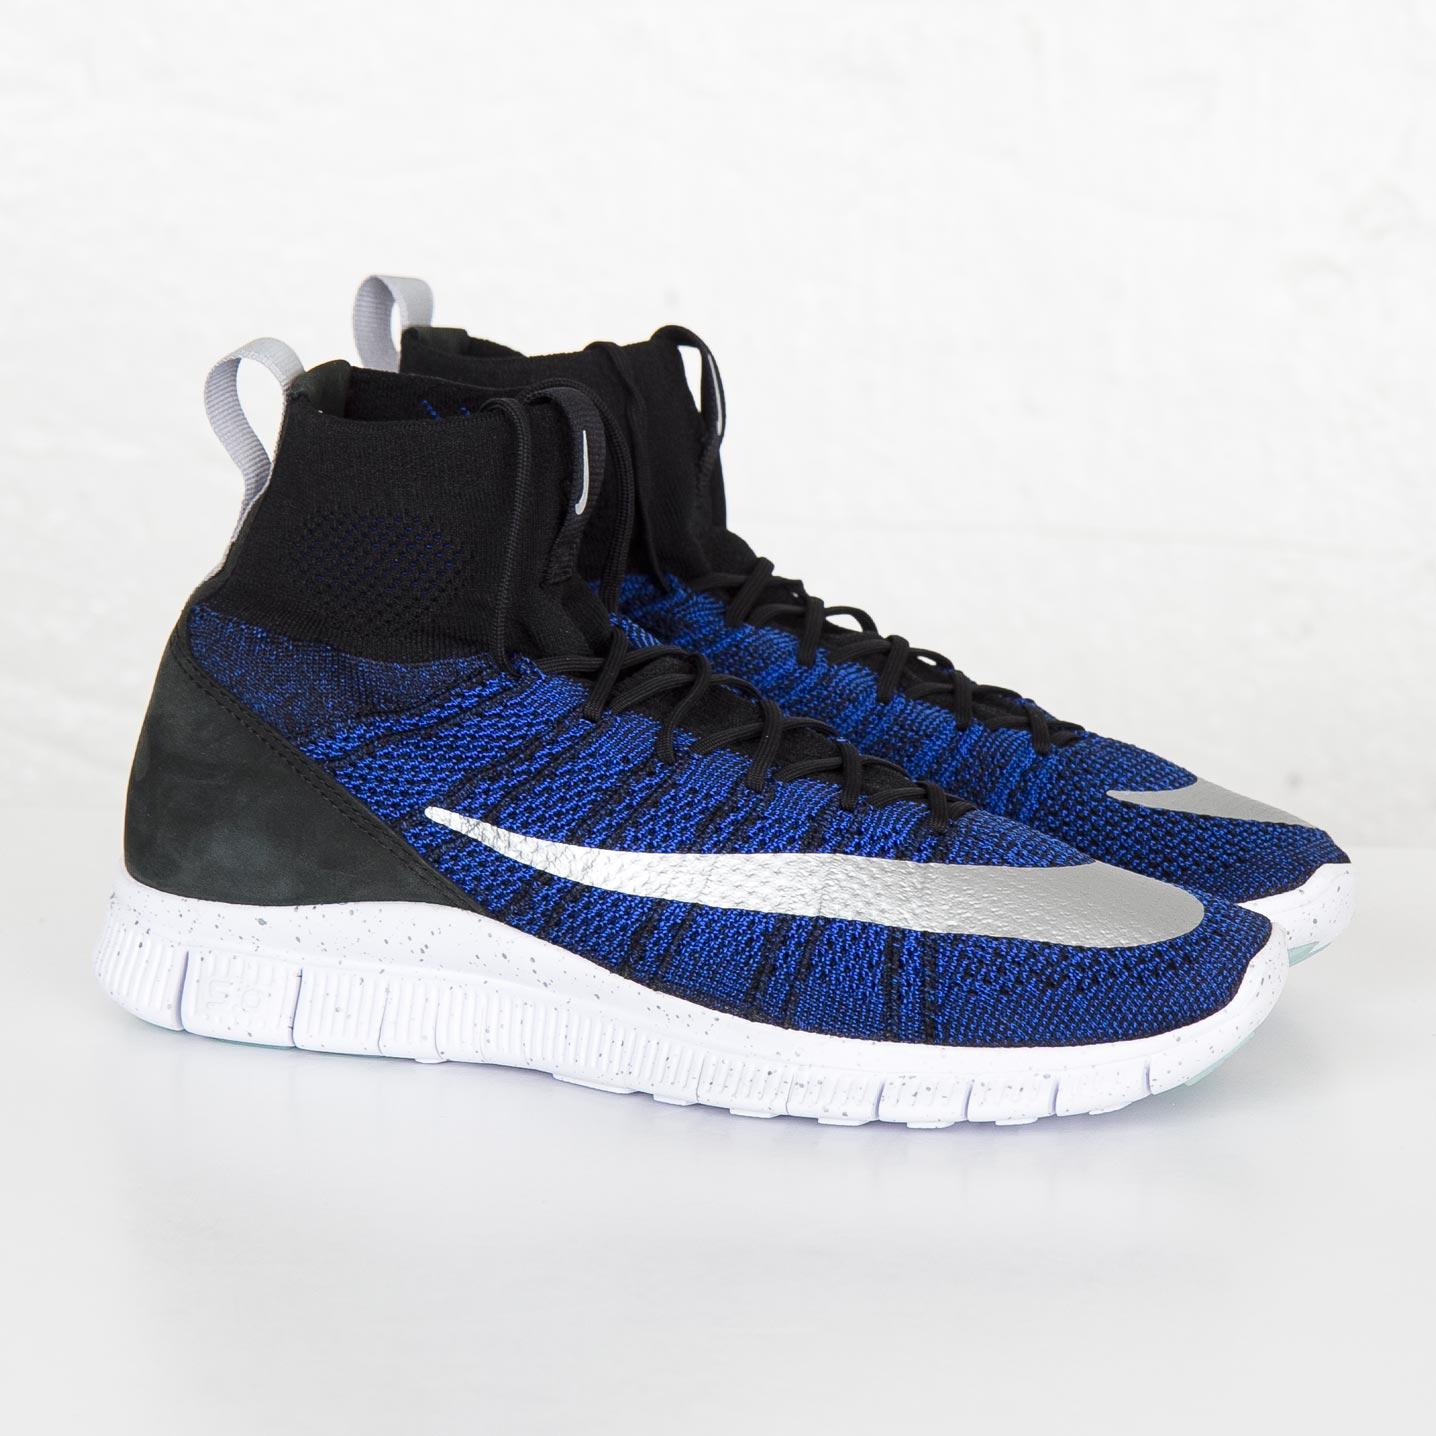 20e1e38c34bda5 Nike Free Flyknit Mercurial FC - 836126-041 - Sneakersnstuff ...